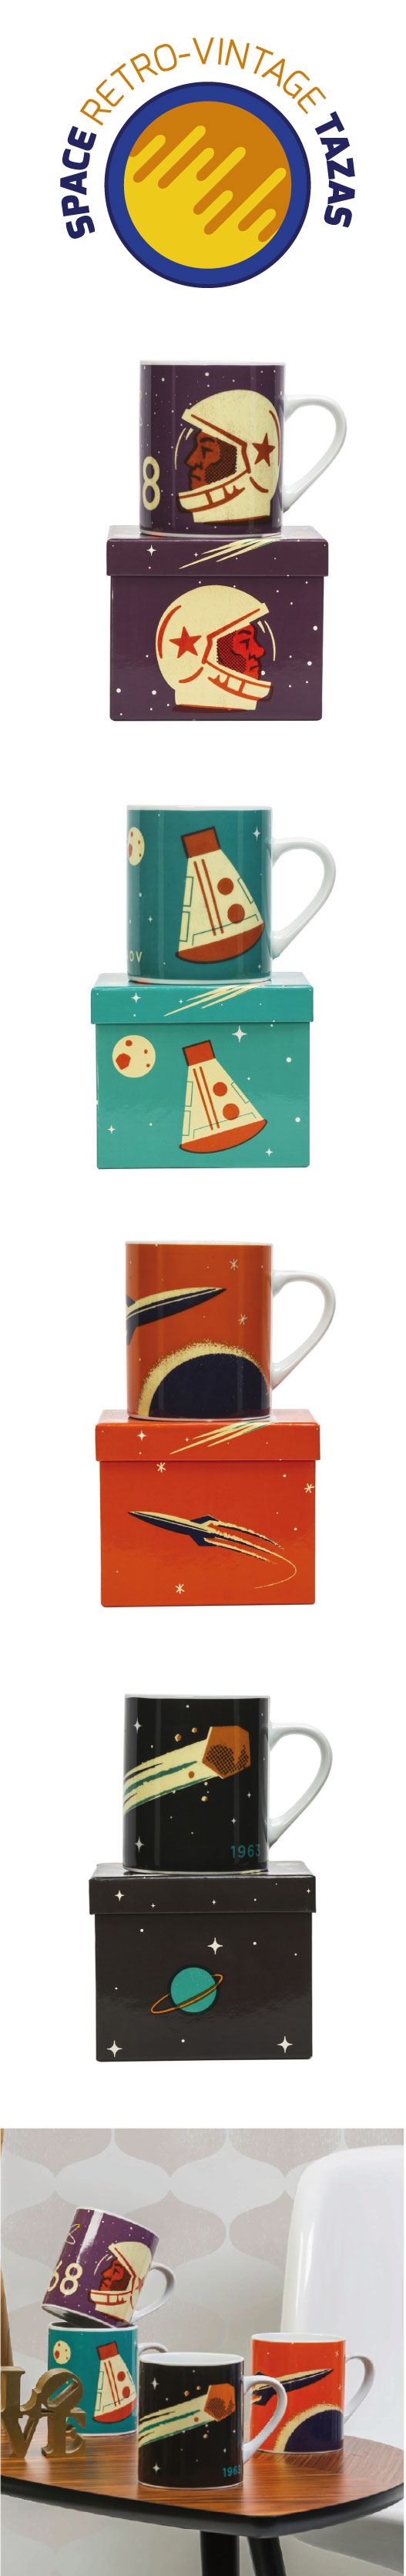 Colección de tazas del espacio con unas magnificas ilustraciones de las primeras aventuras espaciales. Un diseño retro para amantes del universo y para todos aquellos que sueñen con viajar a la luna.  #retro, #universo, #tazas, #decoracion, #regaloshombres